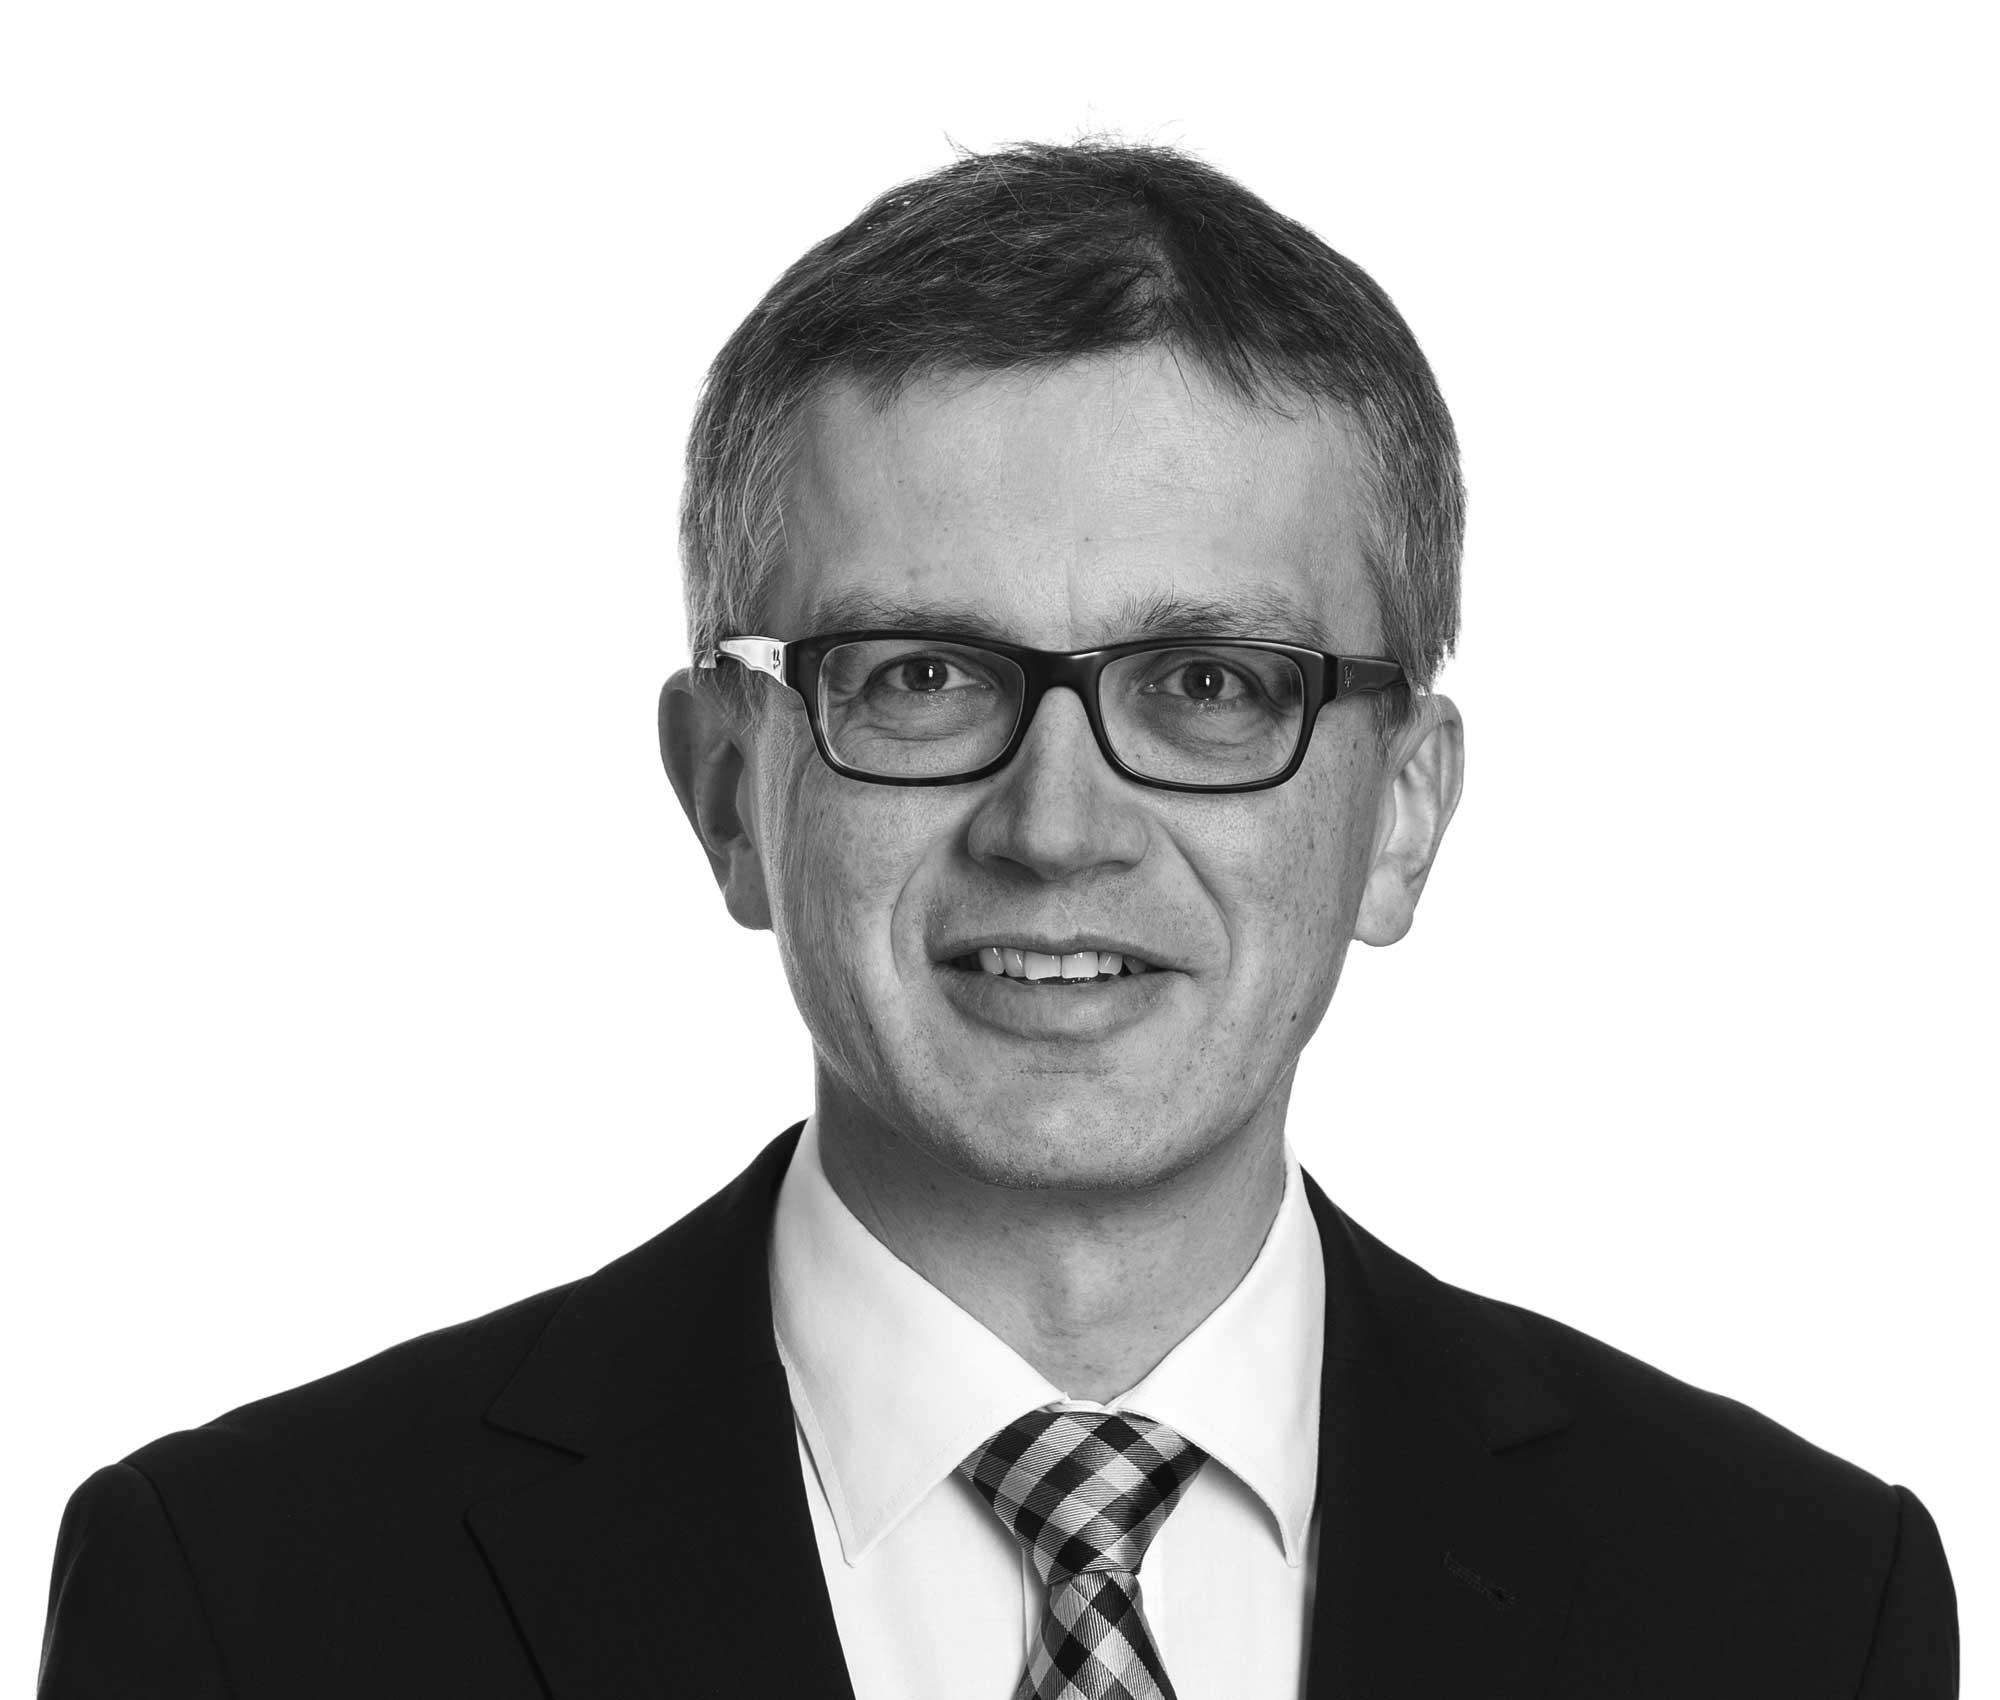 Ralf Kachel